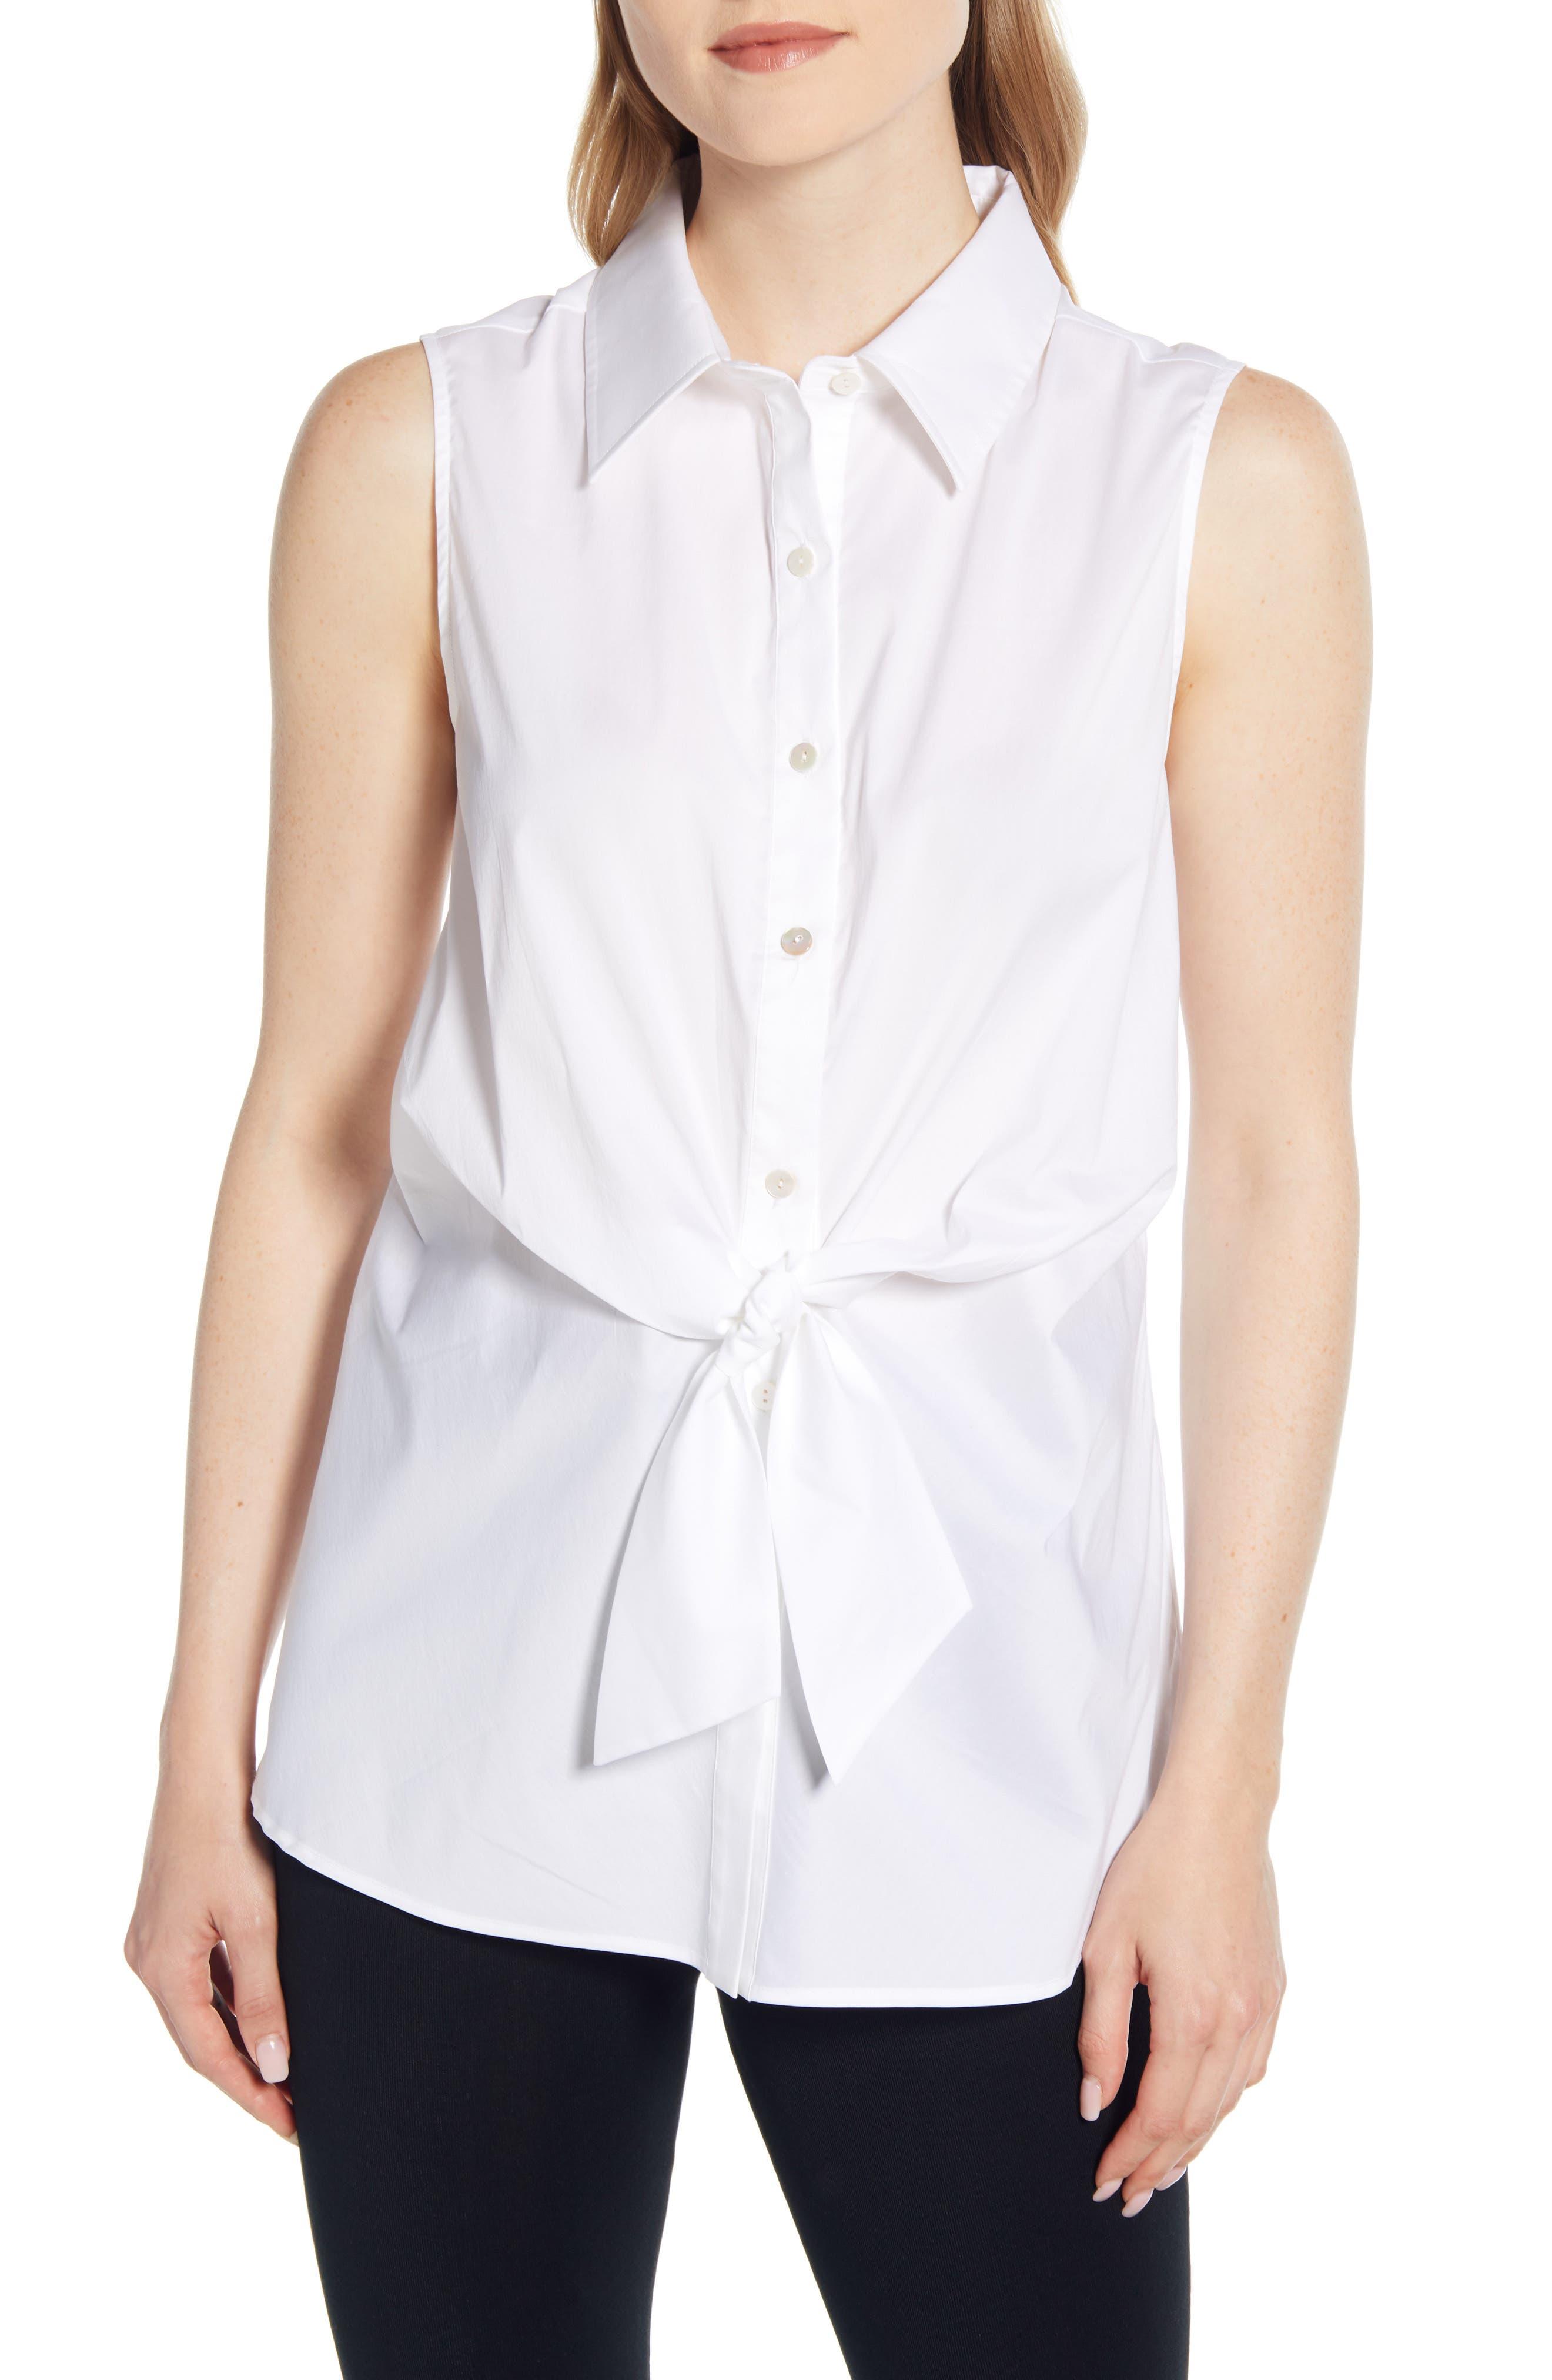 Ming Wang Tie Sleeveless Shirt, White